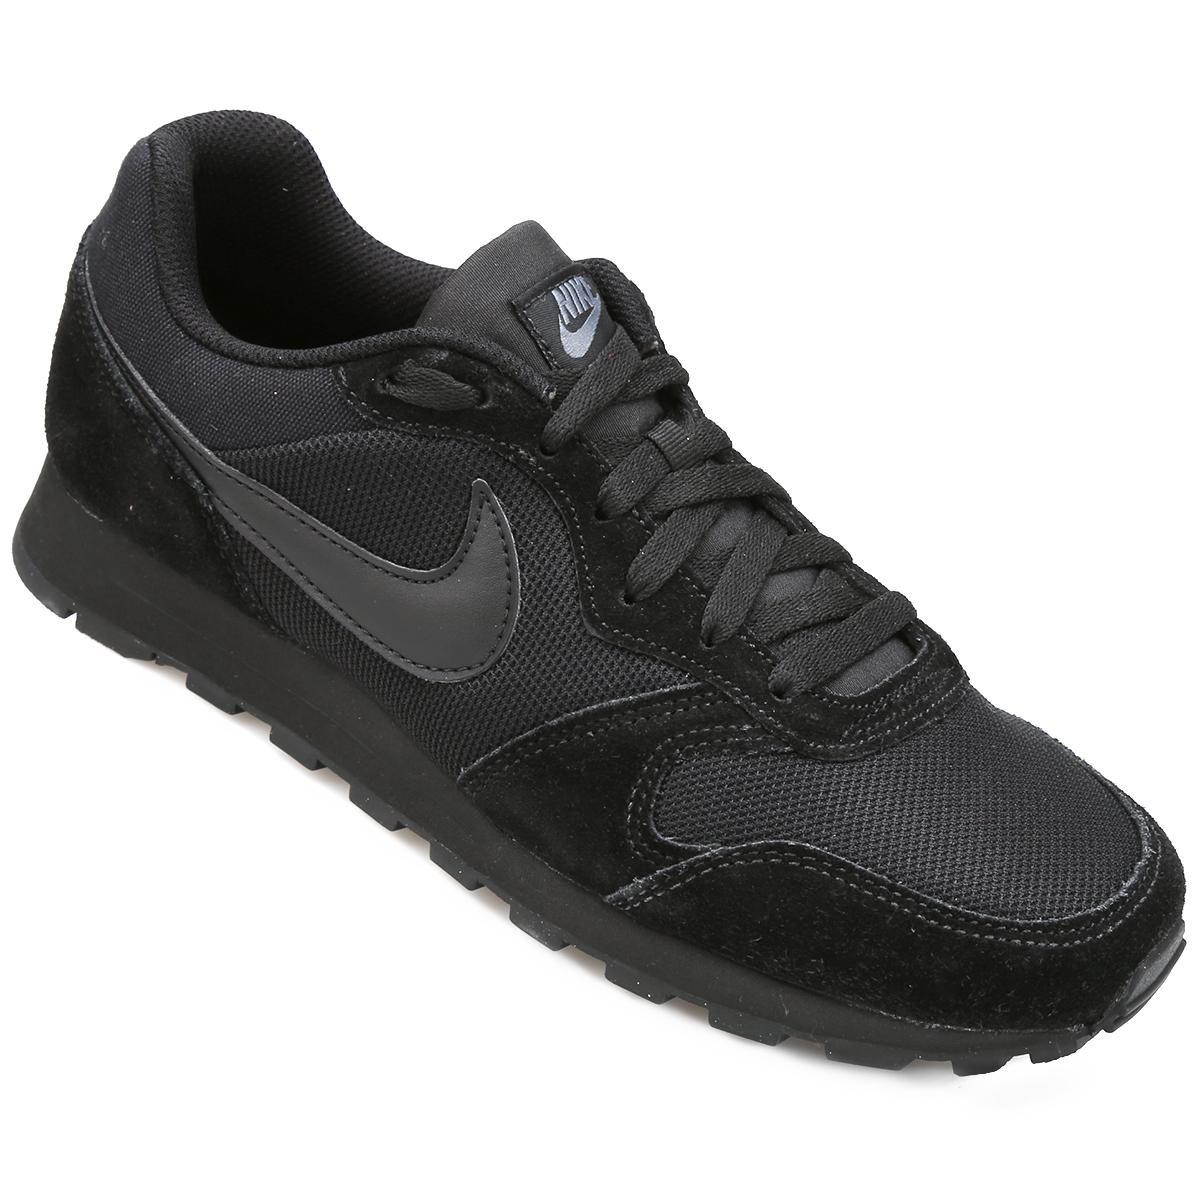 968629e50ef Tênis Nike Md Runner 2 Masculino - Preto e Chumbo - Compre Agora ...